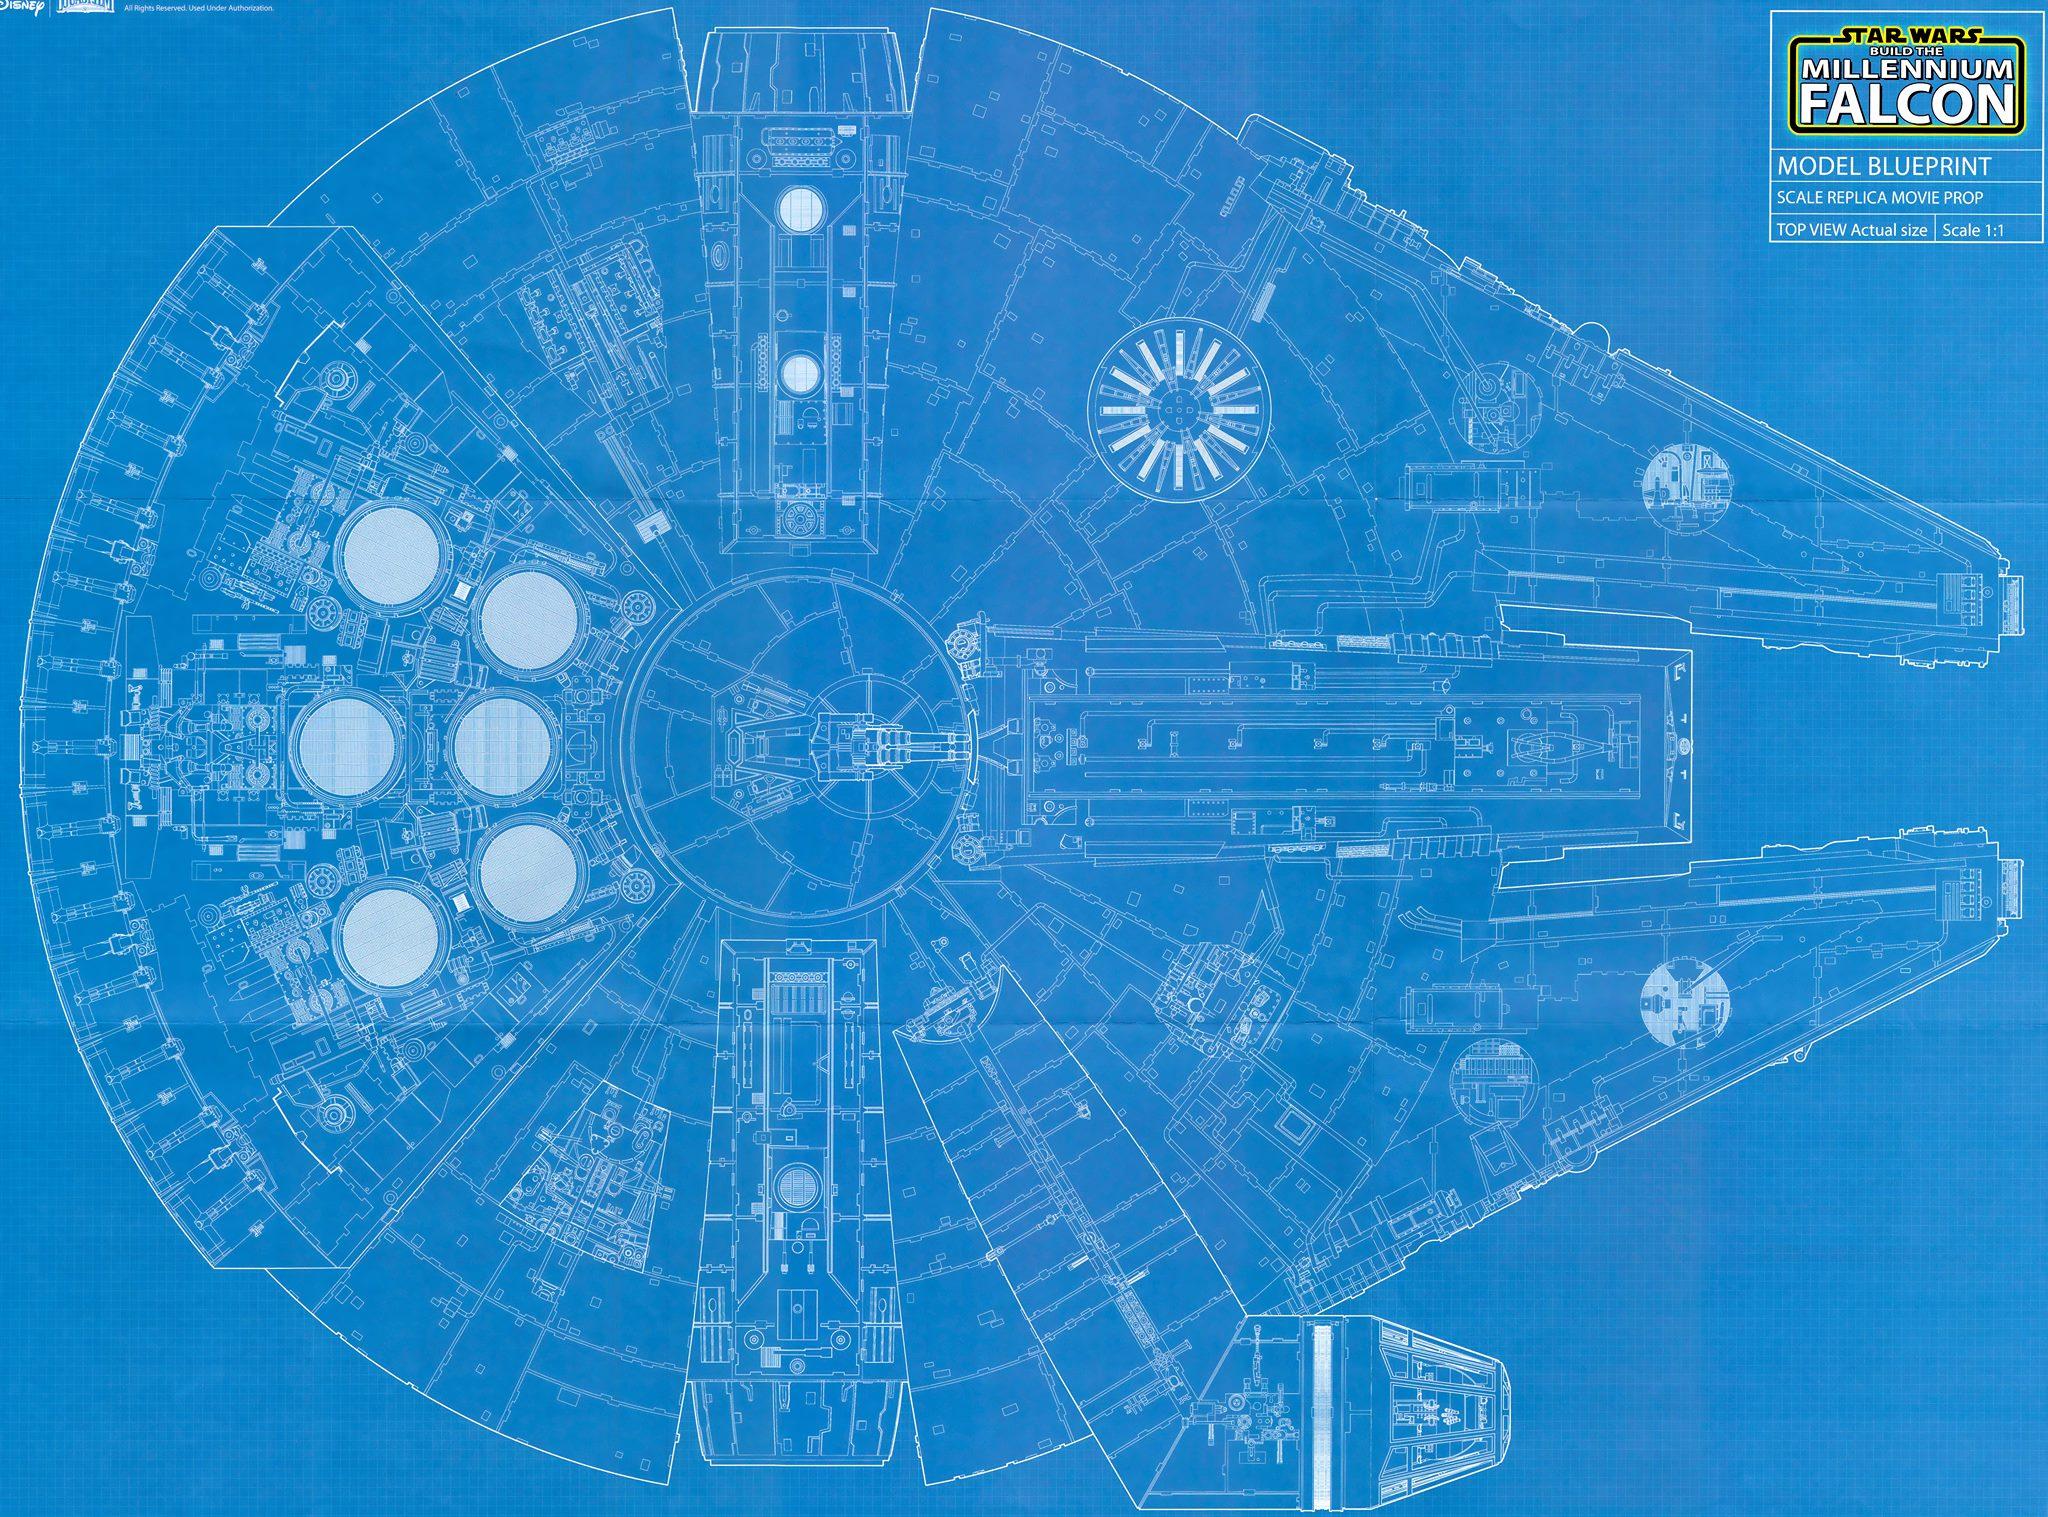 STAR WARS-Bausätze 1/72 jetzt von Bandai